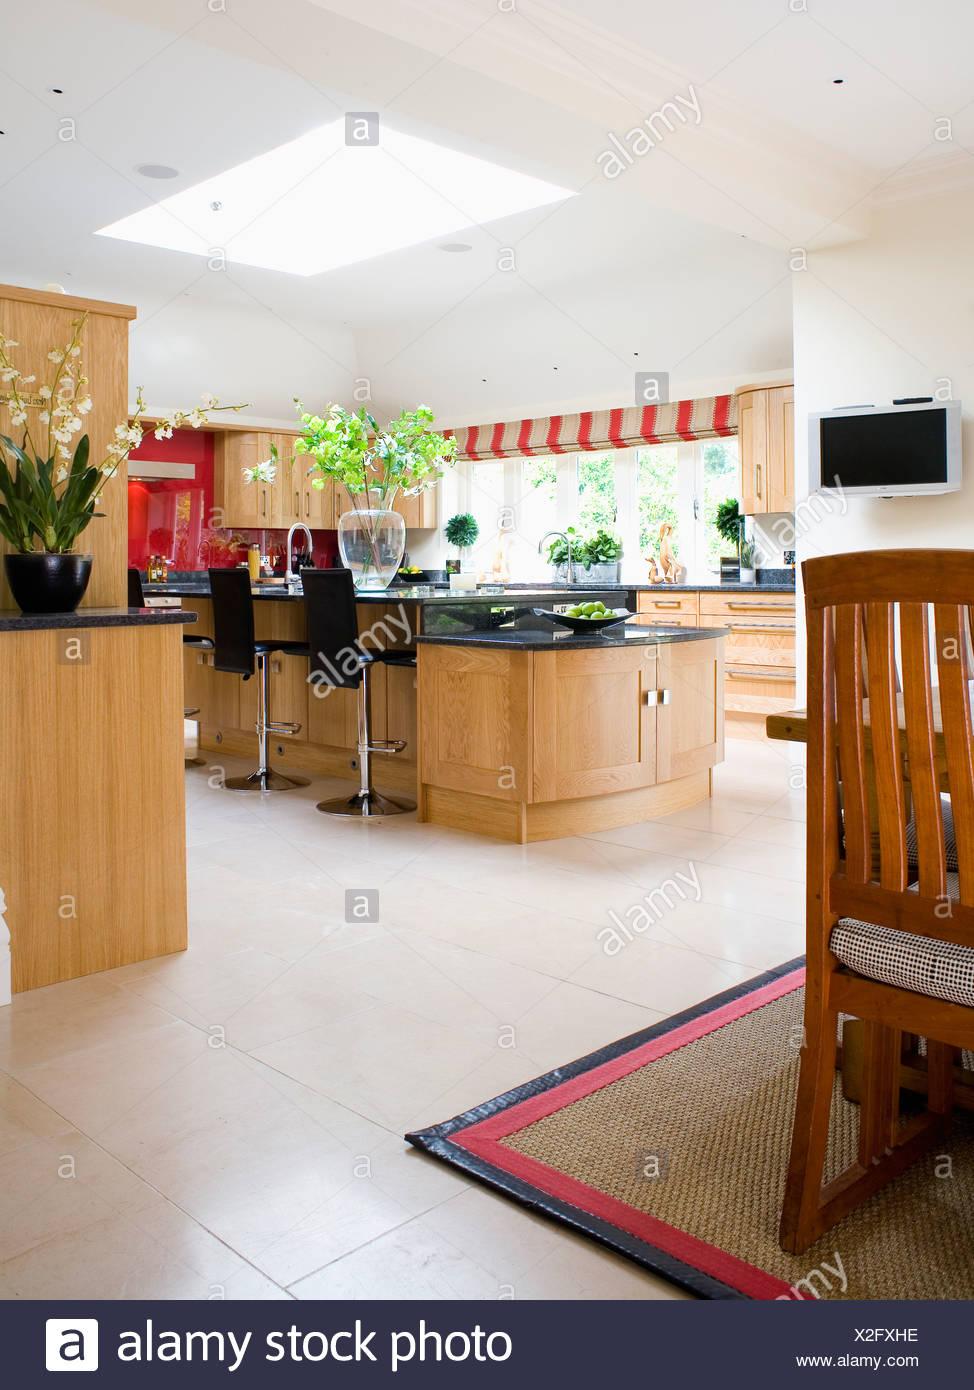 Kalkstein-Böden in große, moderne Küche-Esszimmer ...